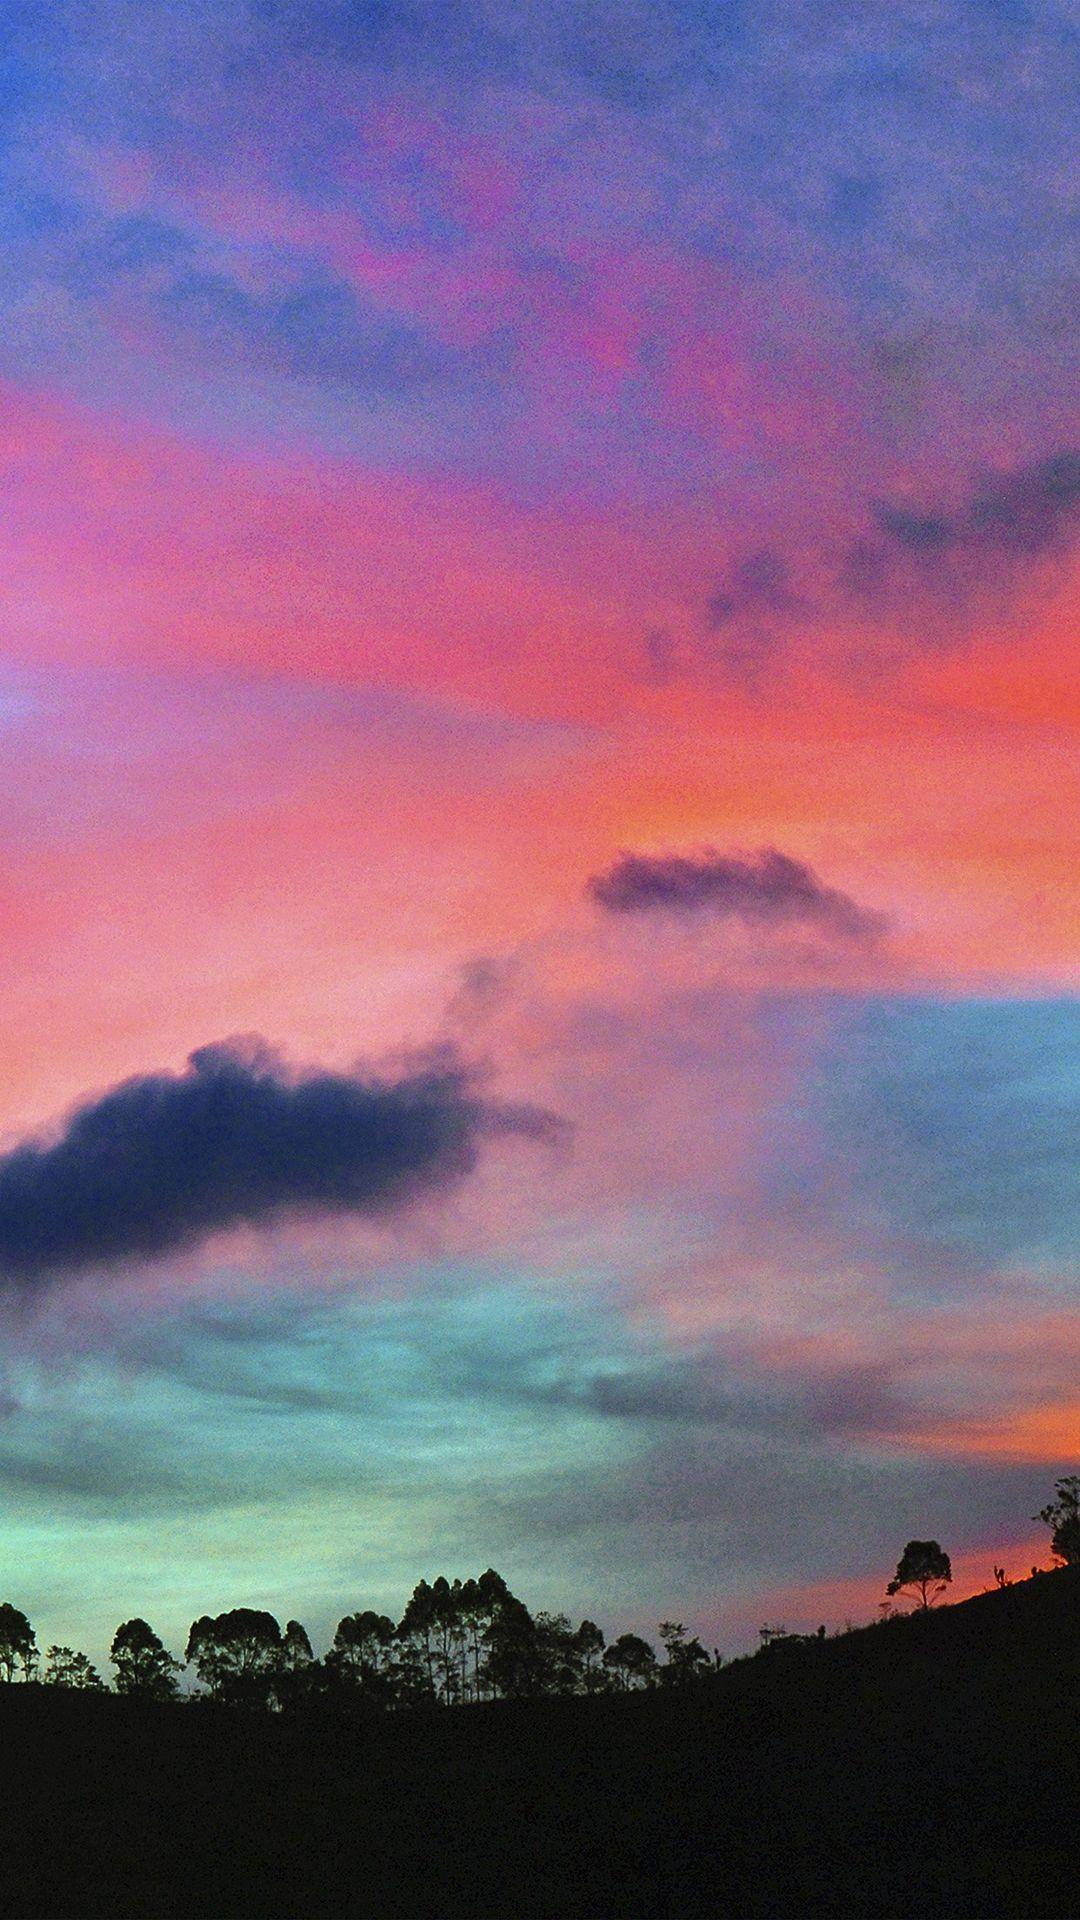 Ảnh bầu trời sắc màu sặc sỡ rất đẹp